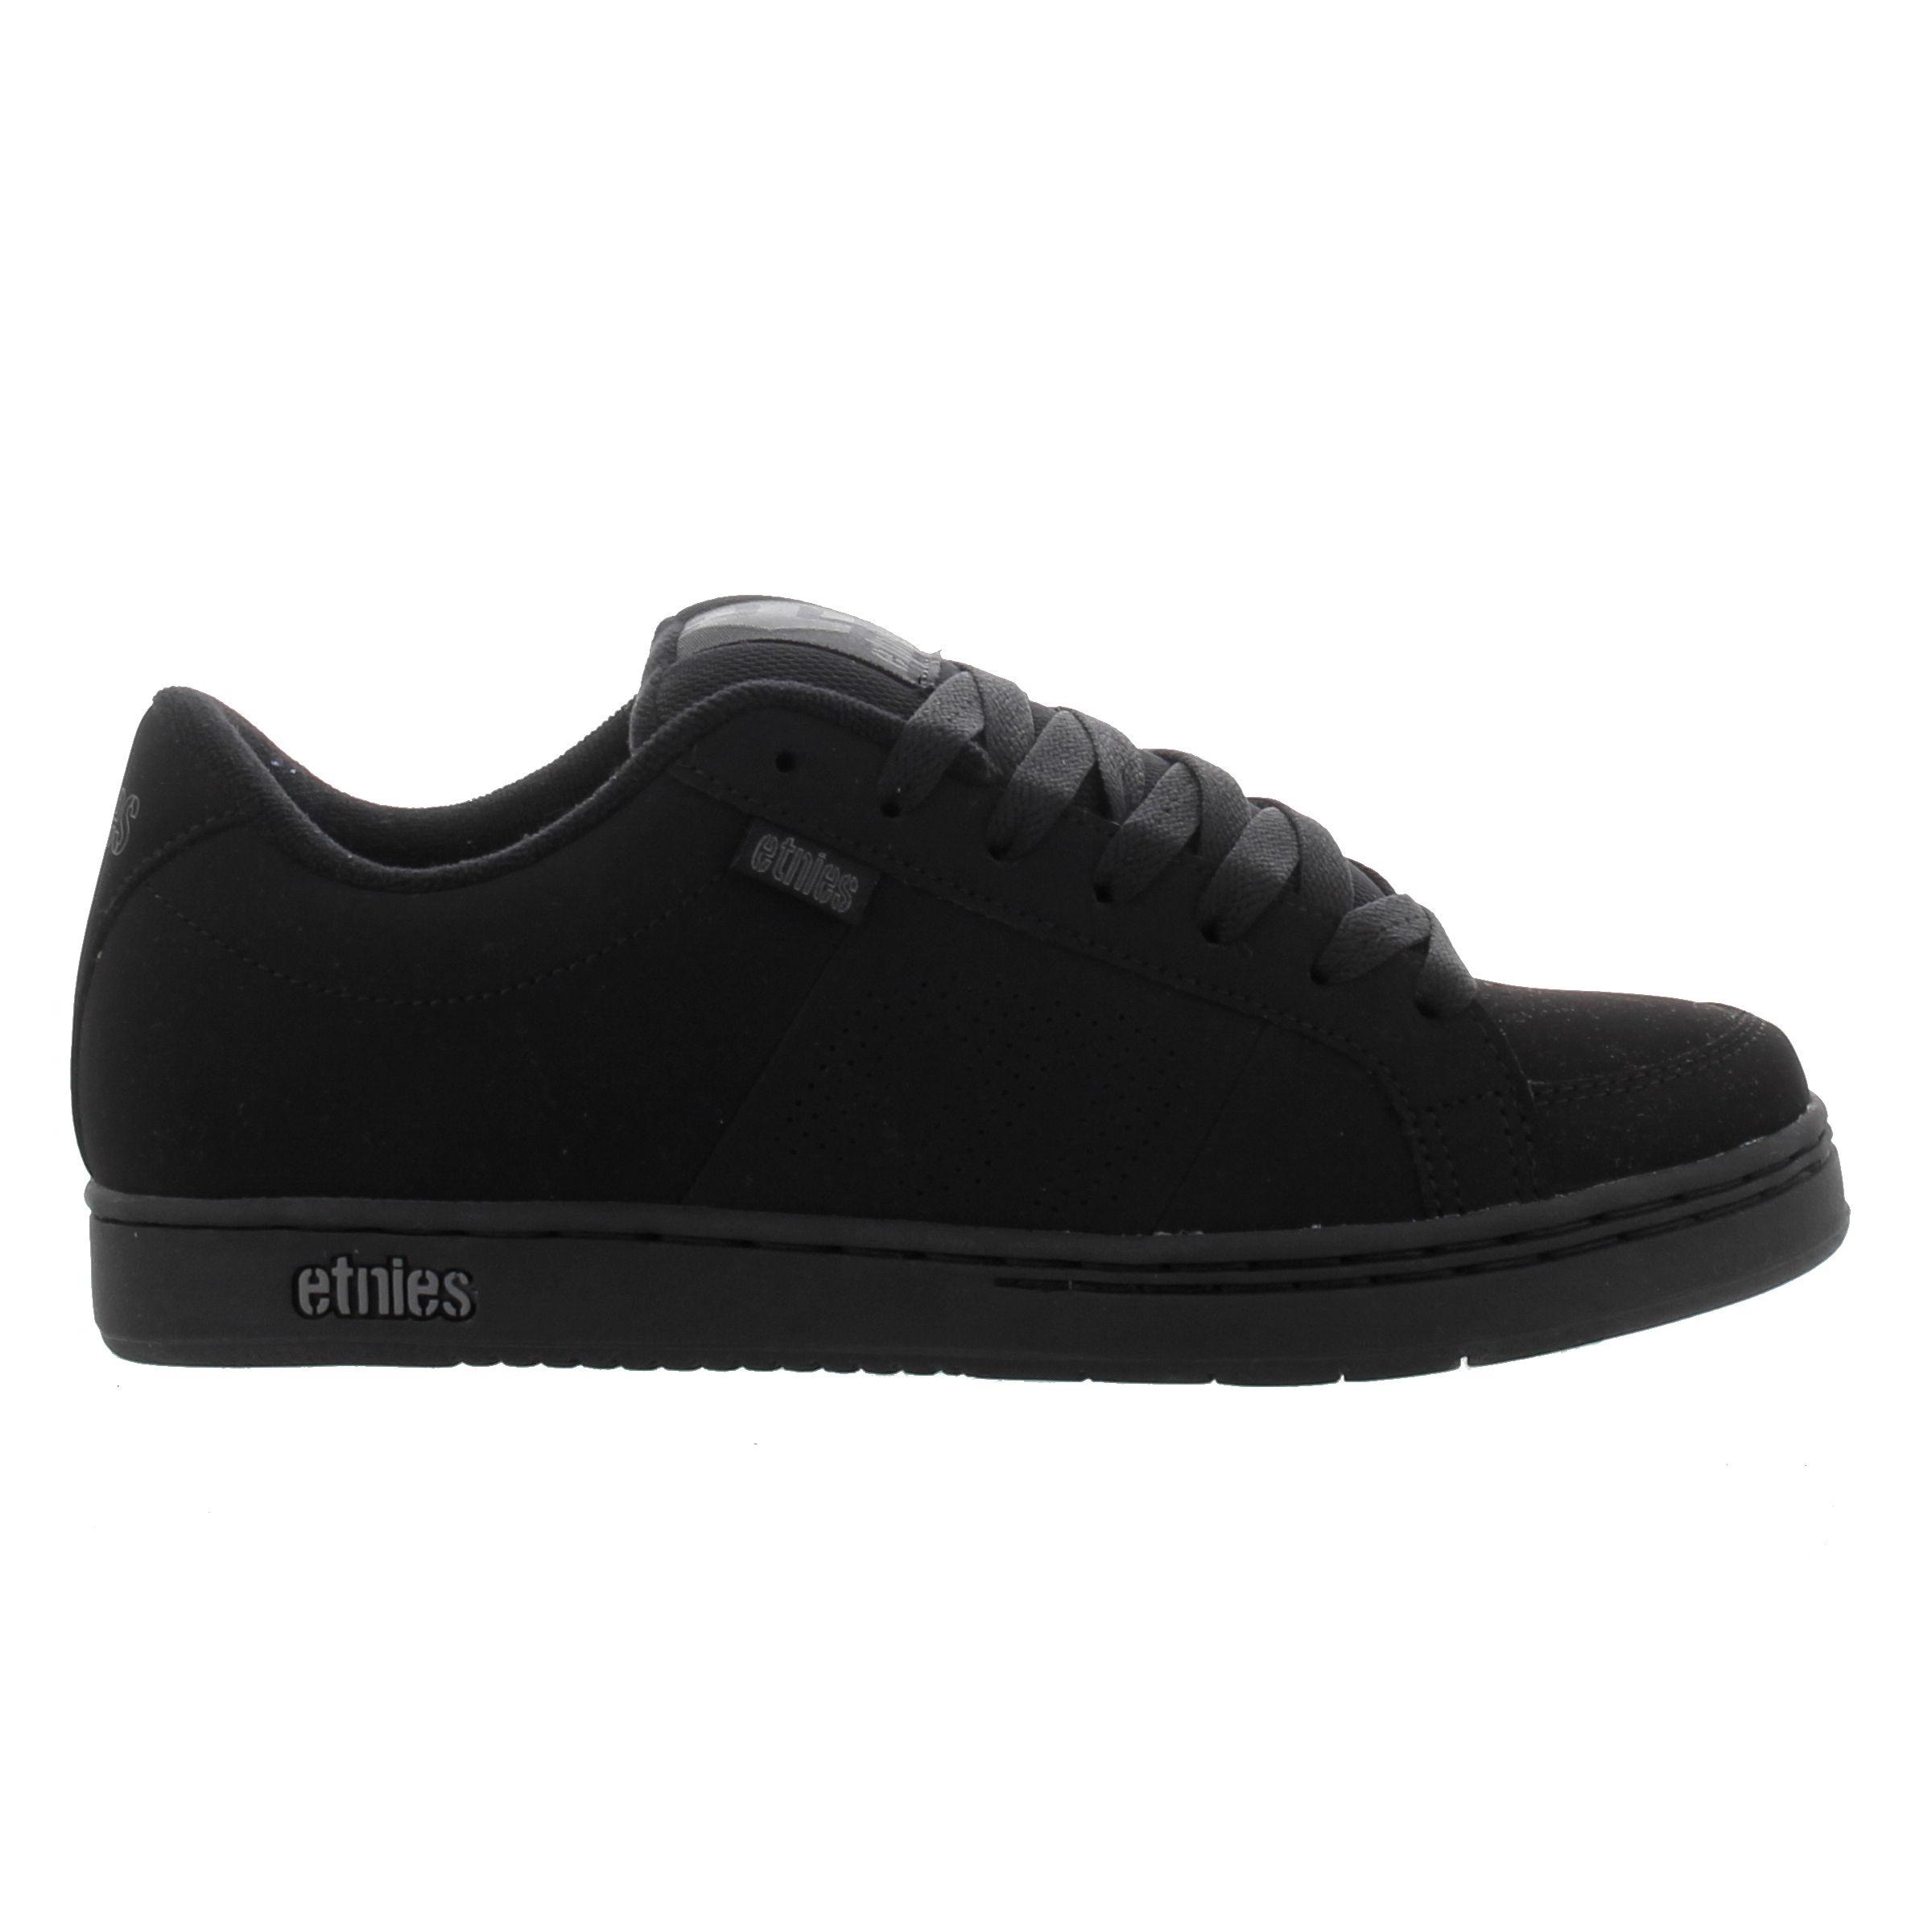 Etnies Mens Kingpin Black Skate Shoes Trainers - Black Black